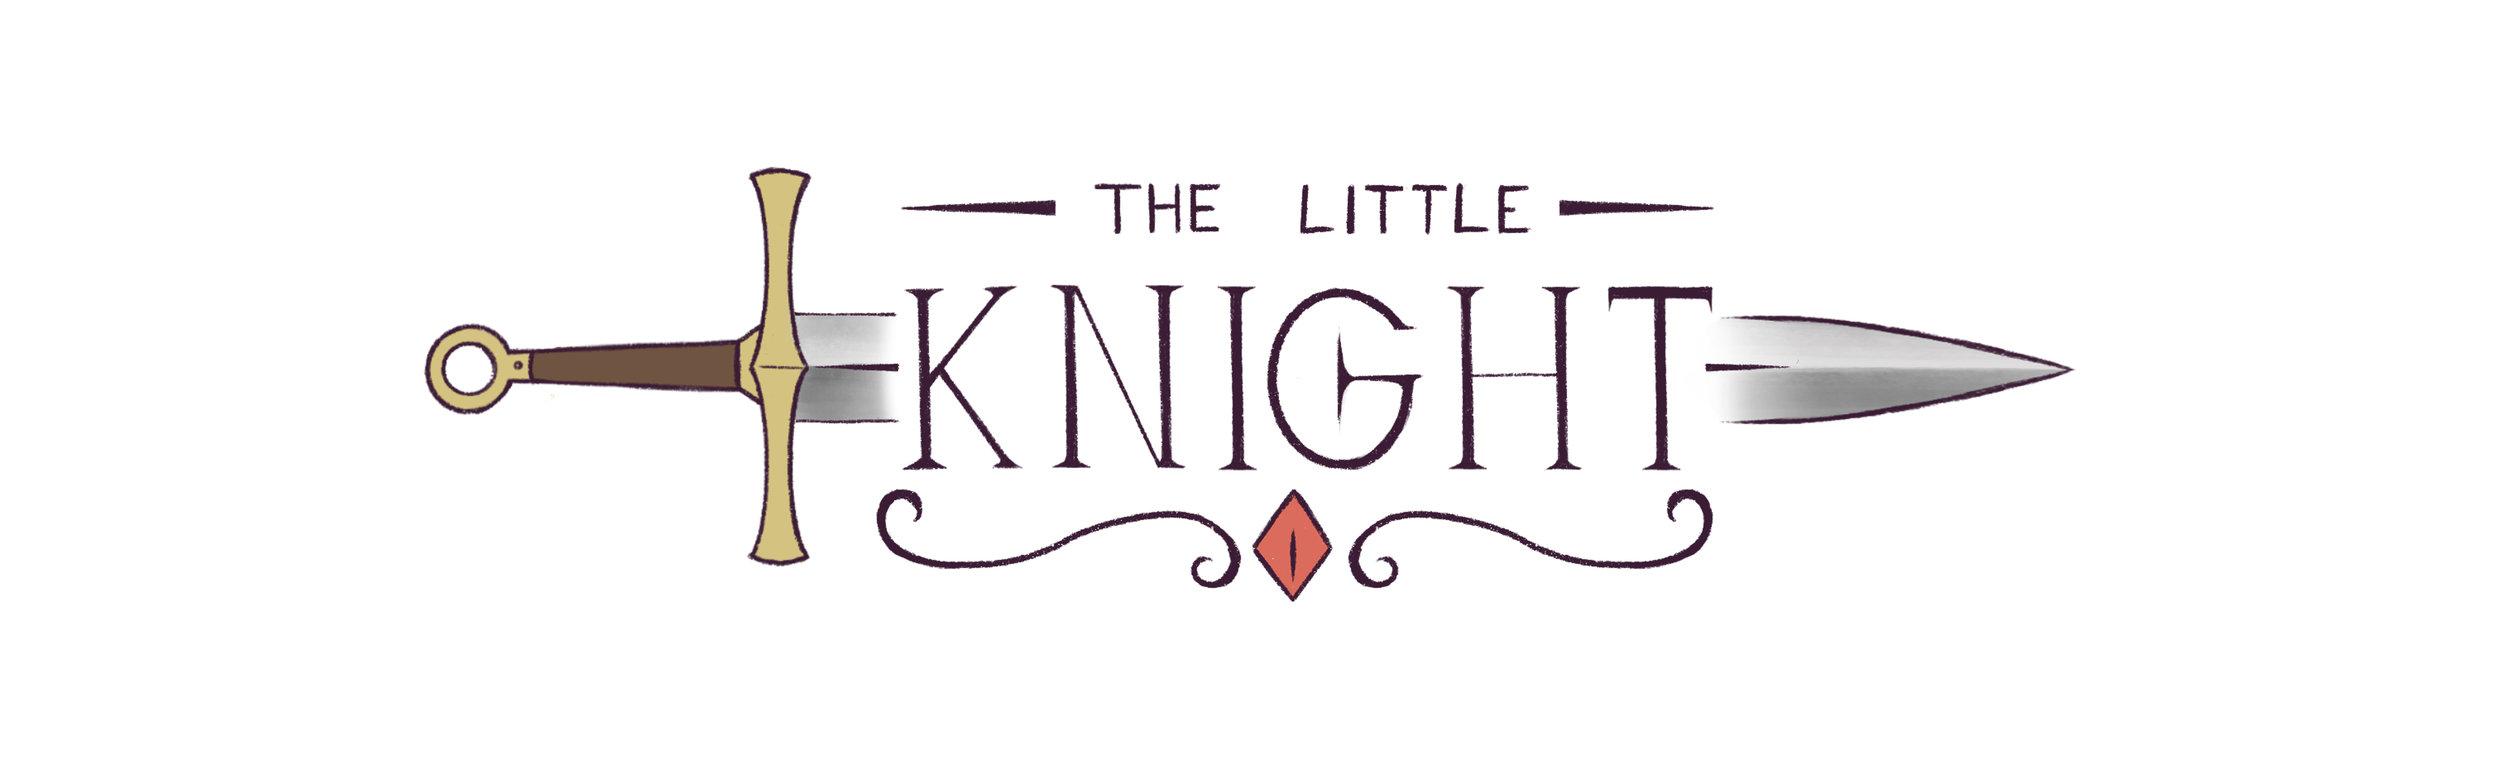 Littleknight_title.jpg